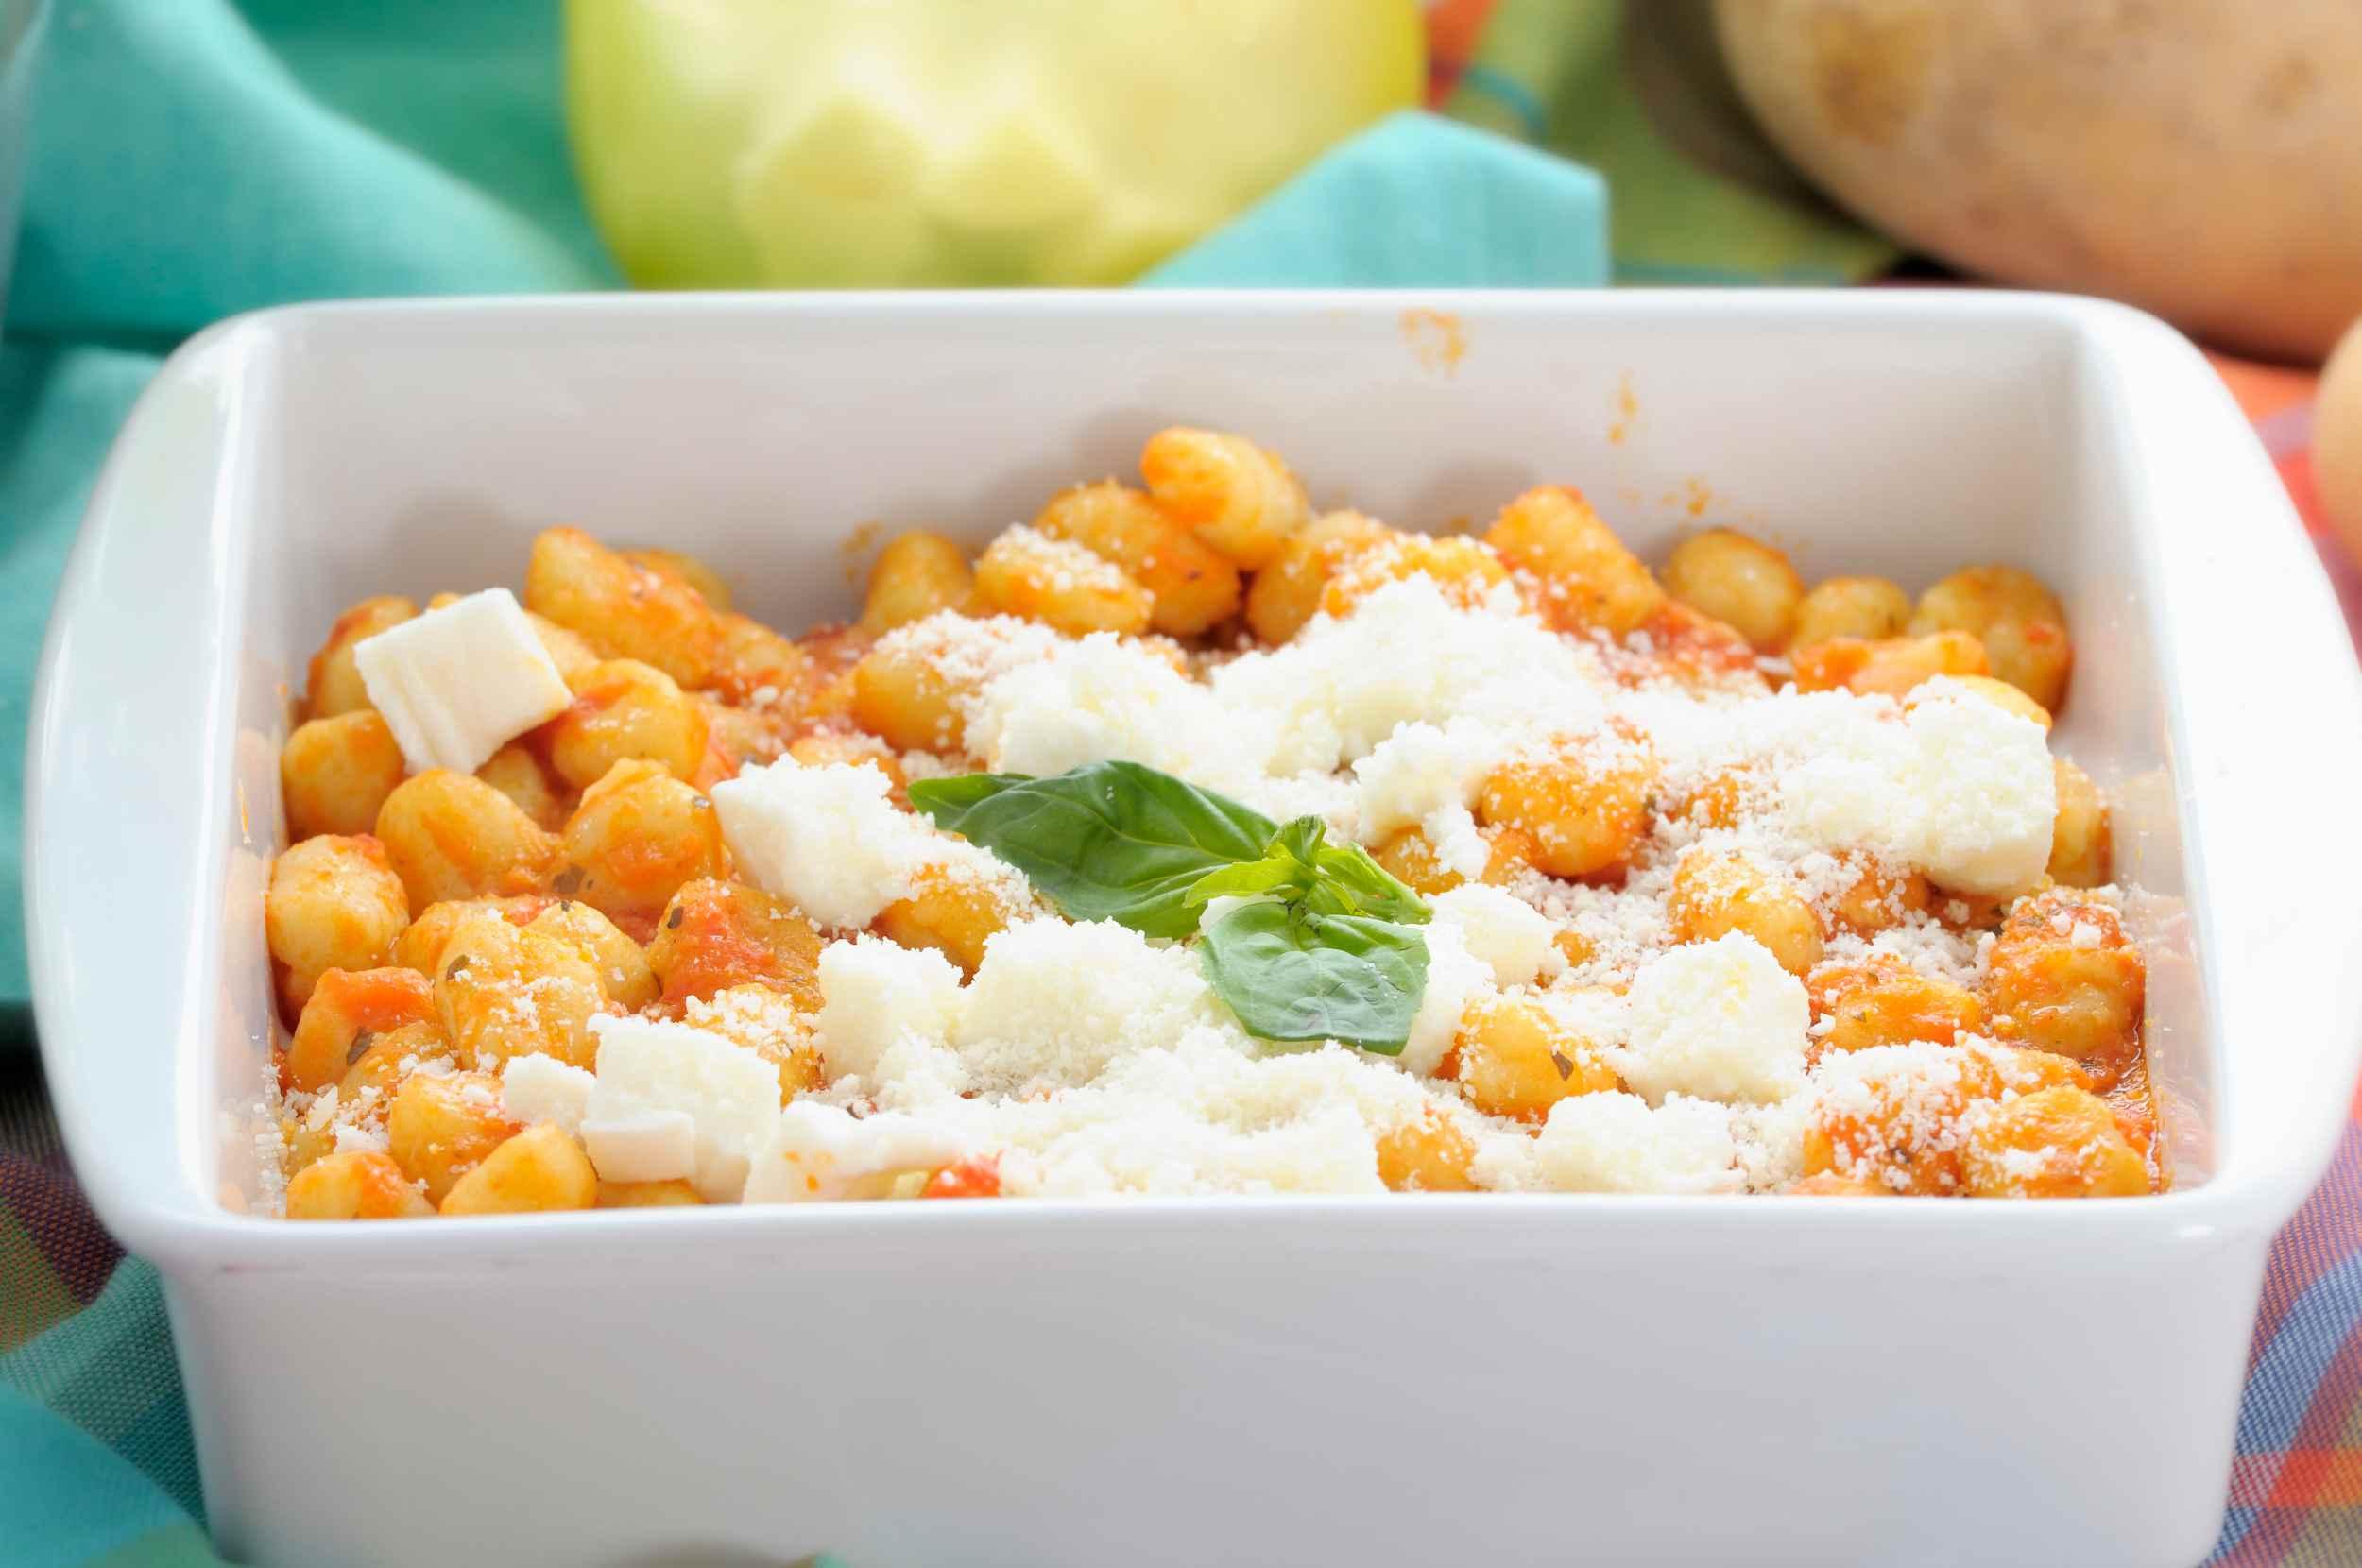 Baked gnocchi with tomato sauce and fresh mozzarella